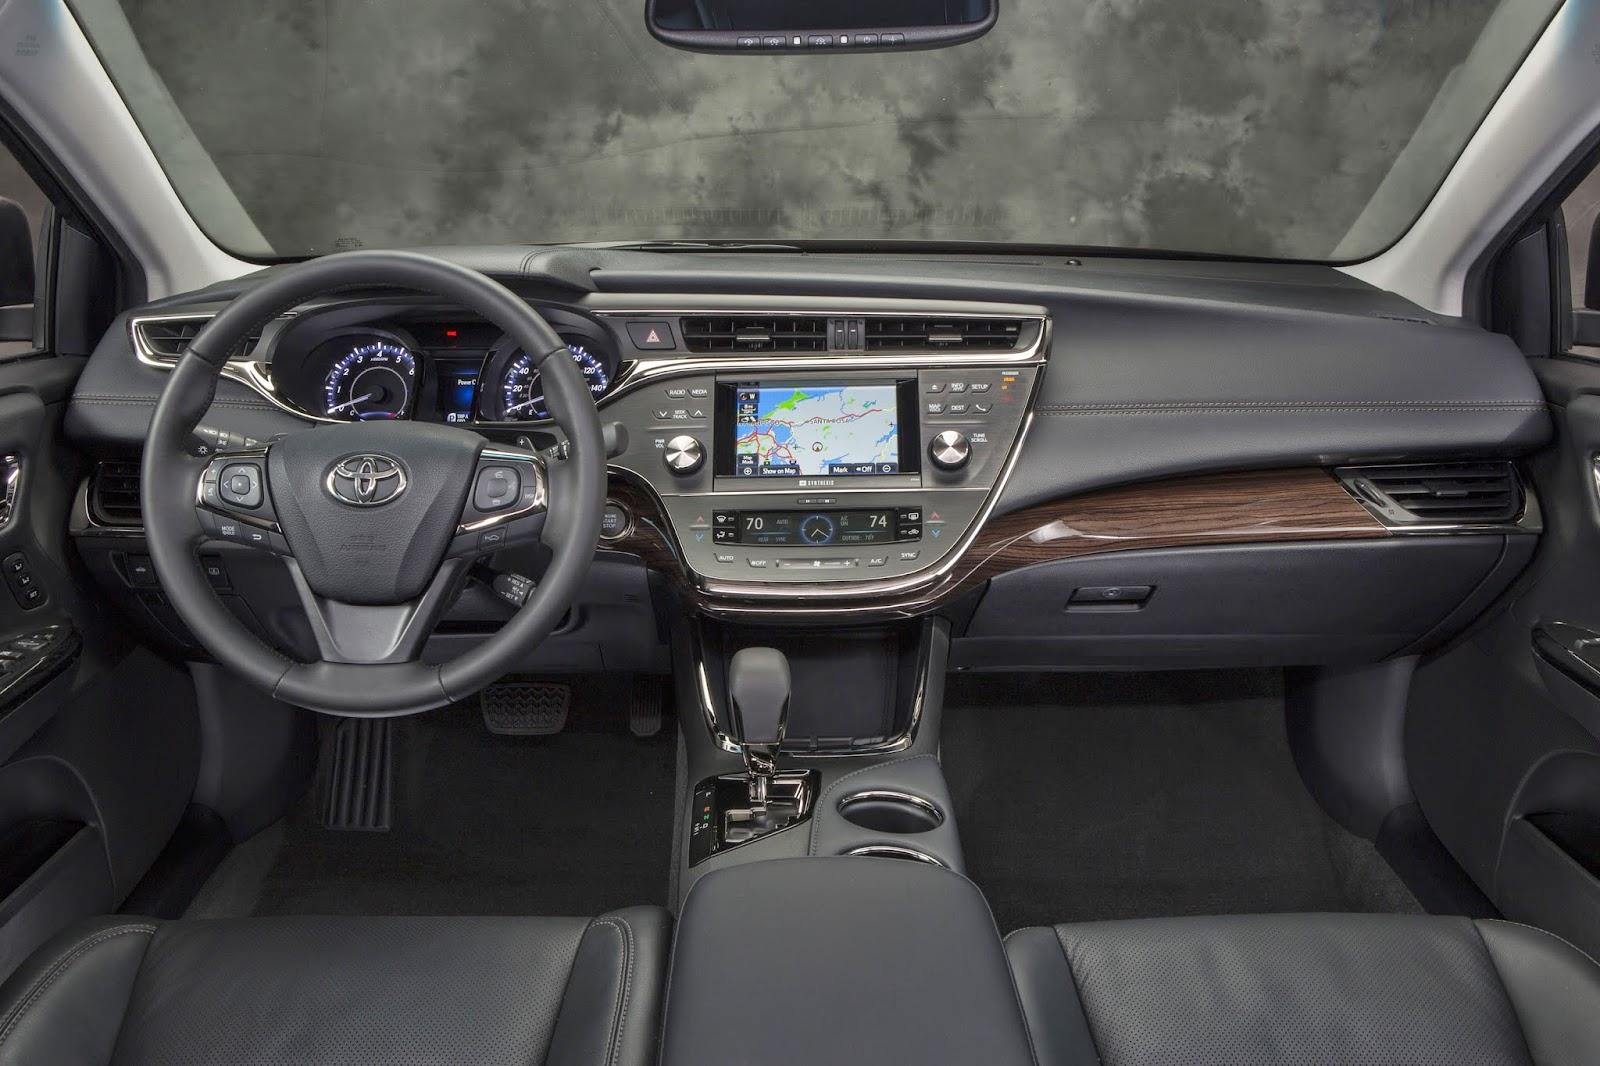 Interior shot of 2014 Toyota Avalon Hybrid interior.